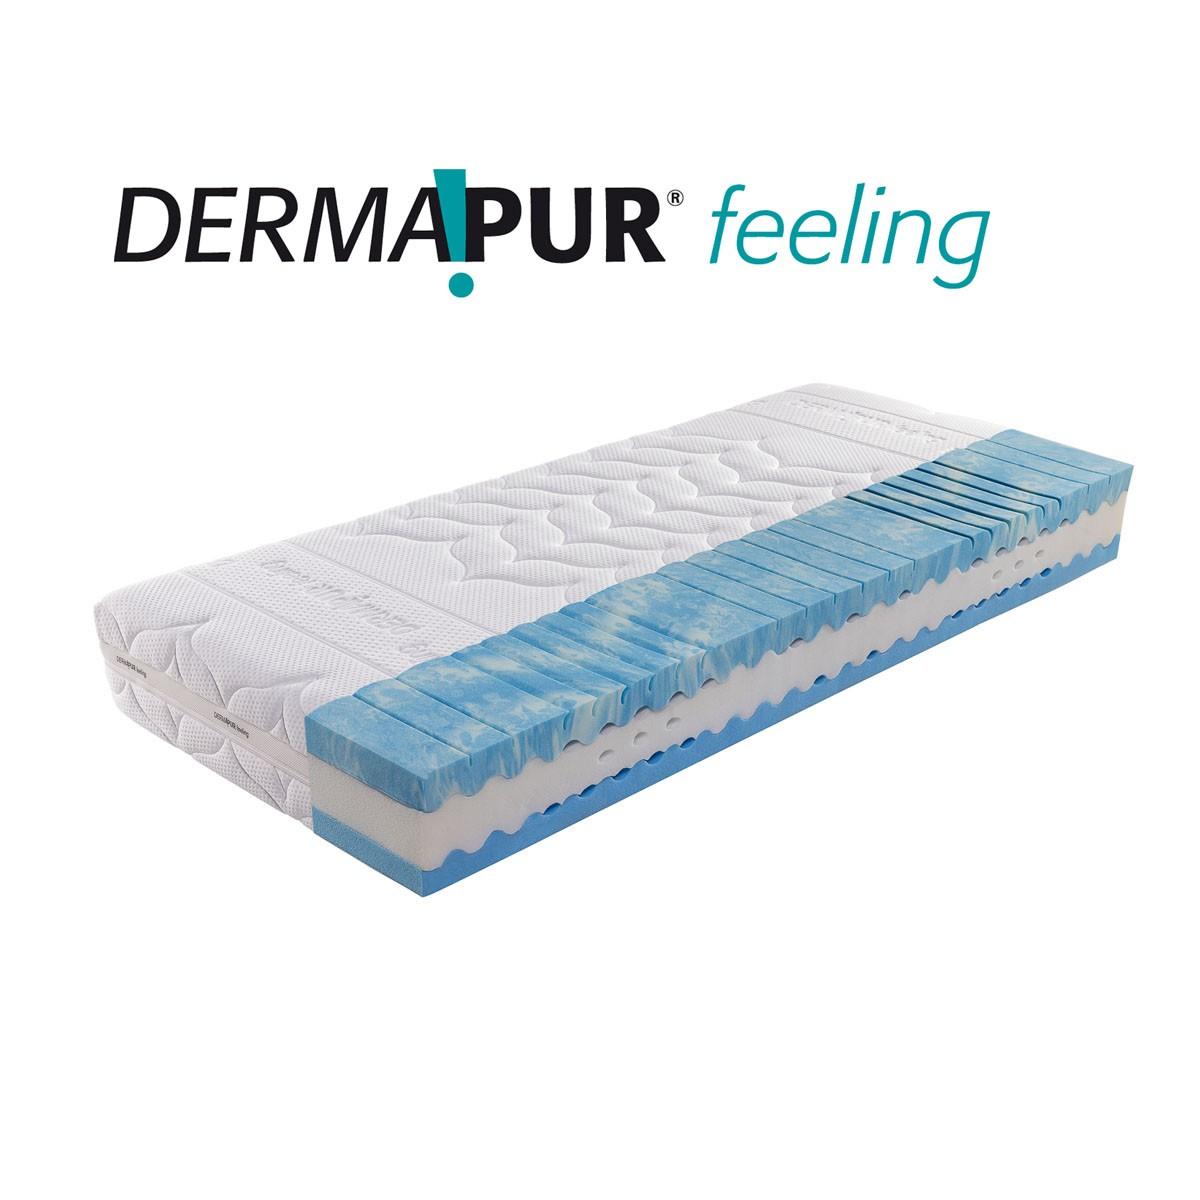 matratzen richtig kaufen cheap matratzen auf denen sich ihr krper gesund schlft with matratzen. Black Bedroom Furniture Sets. Home Design Ideas